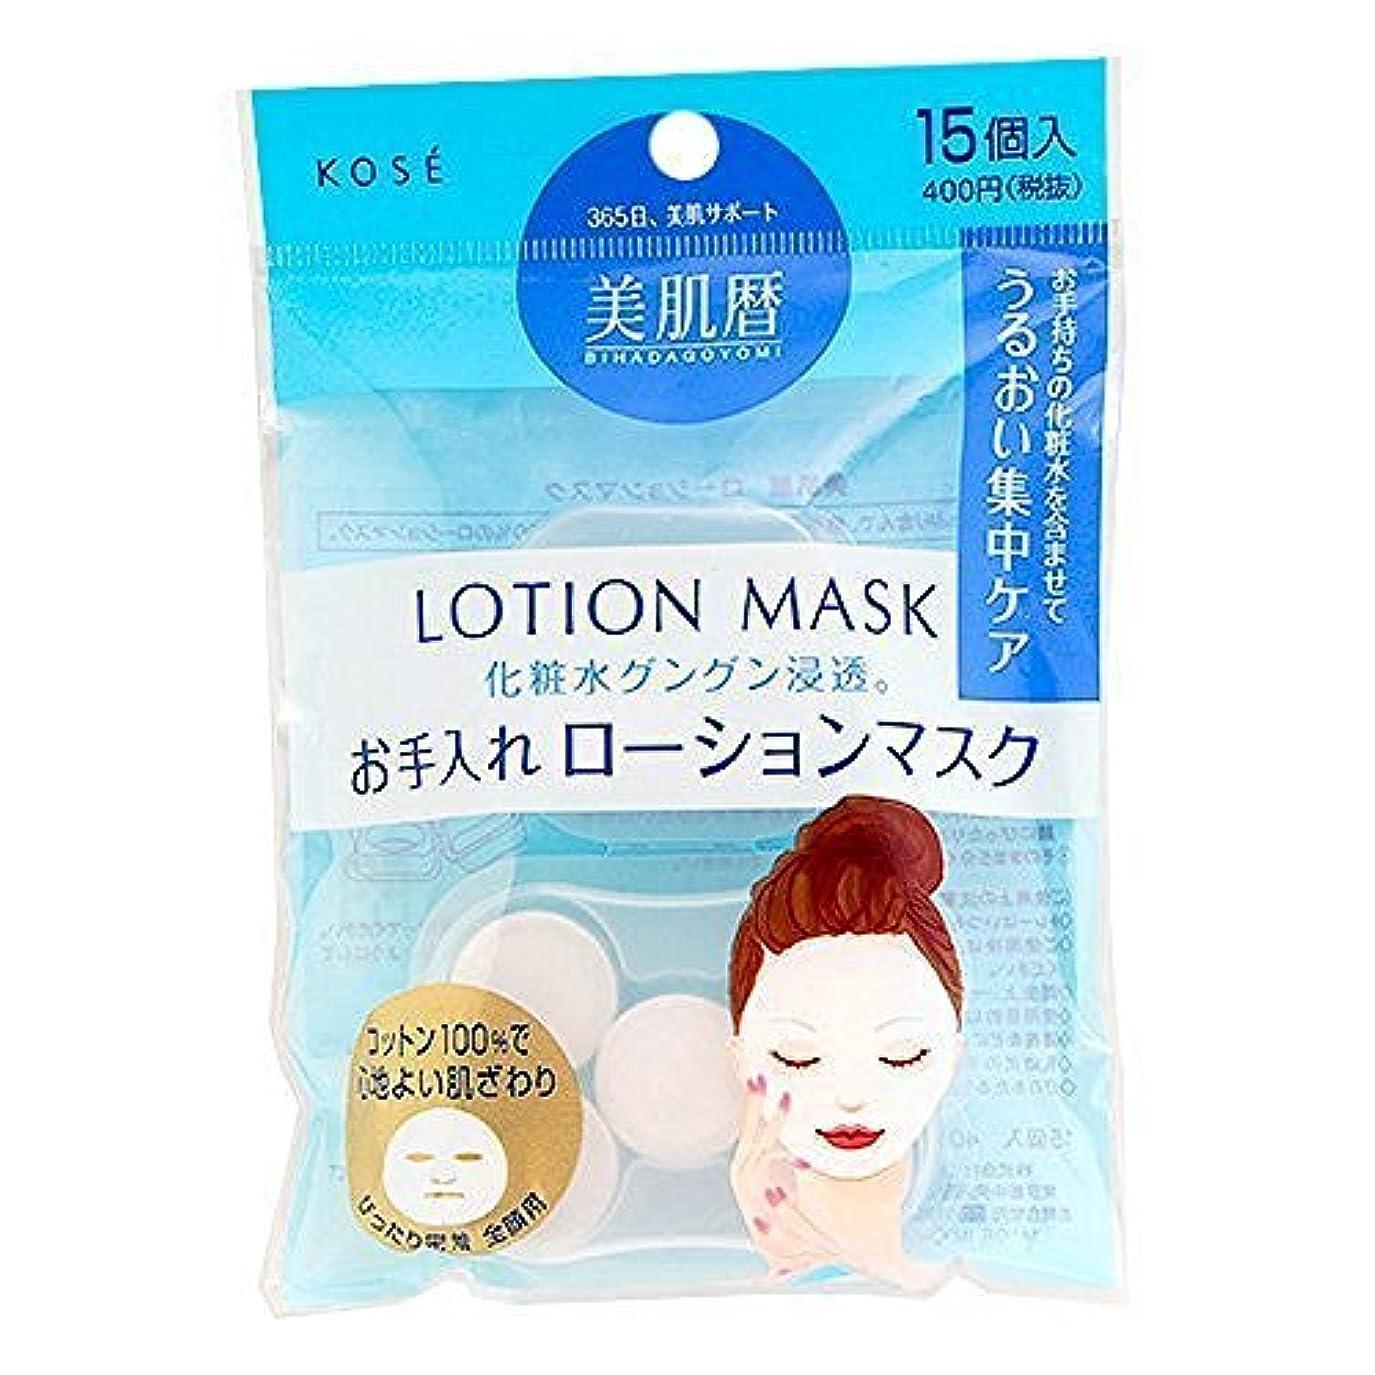 受賞ソーシャルスピーチコーセー 美肌暦 ローションマスク(15個入)